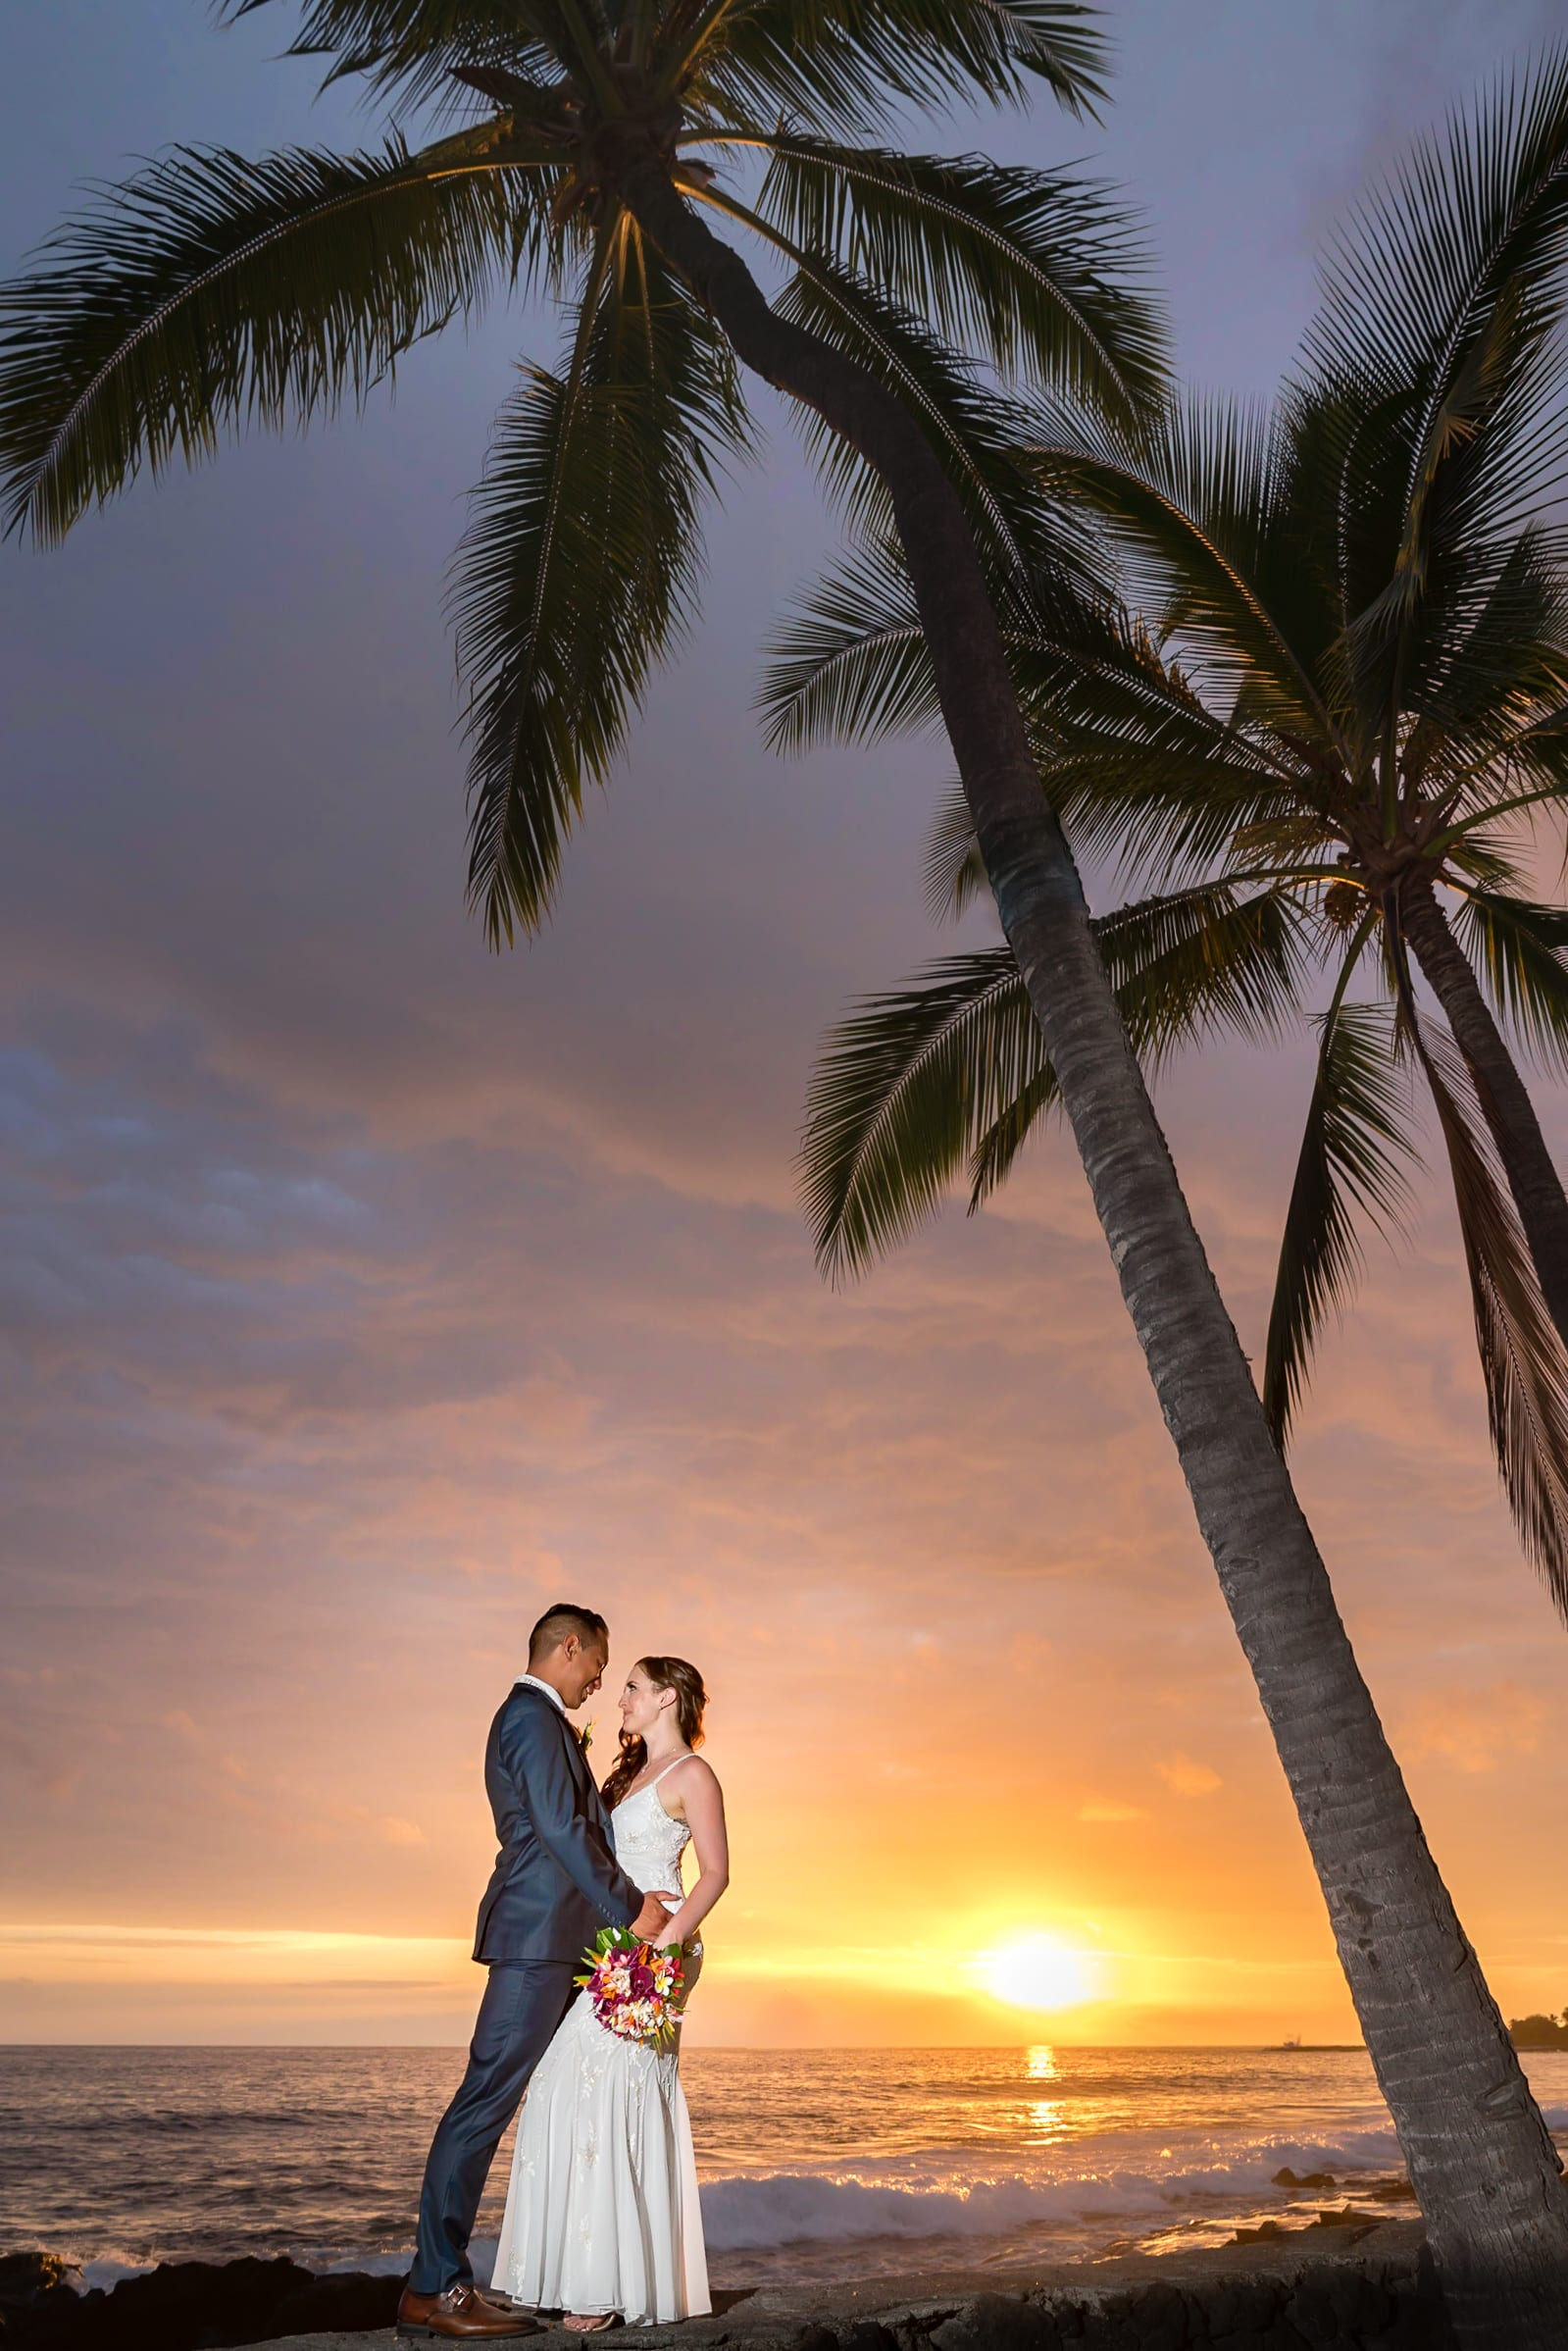 Big-Island-Hawaii-Jade-Keyes-Derrick-Alig-Daylight-Mind-Kailua-Kona-Hawaii-Wedding18.jpg